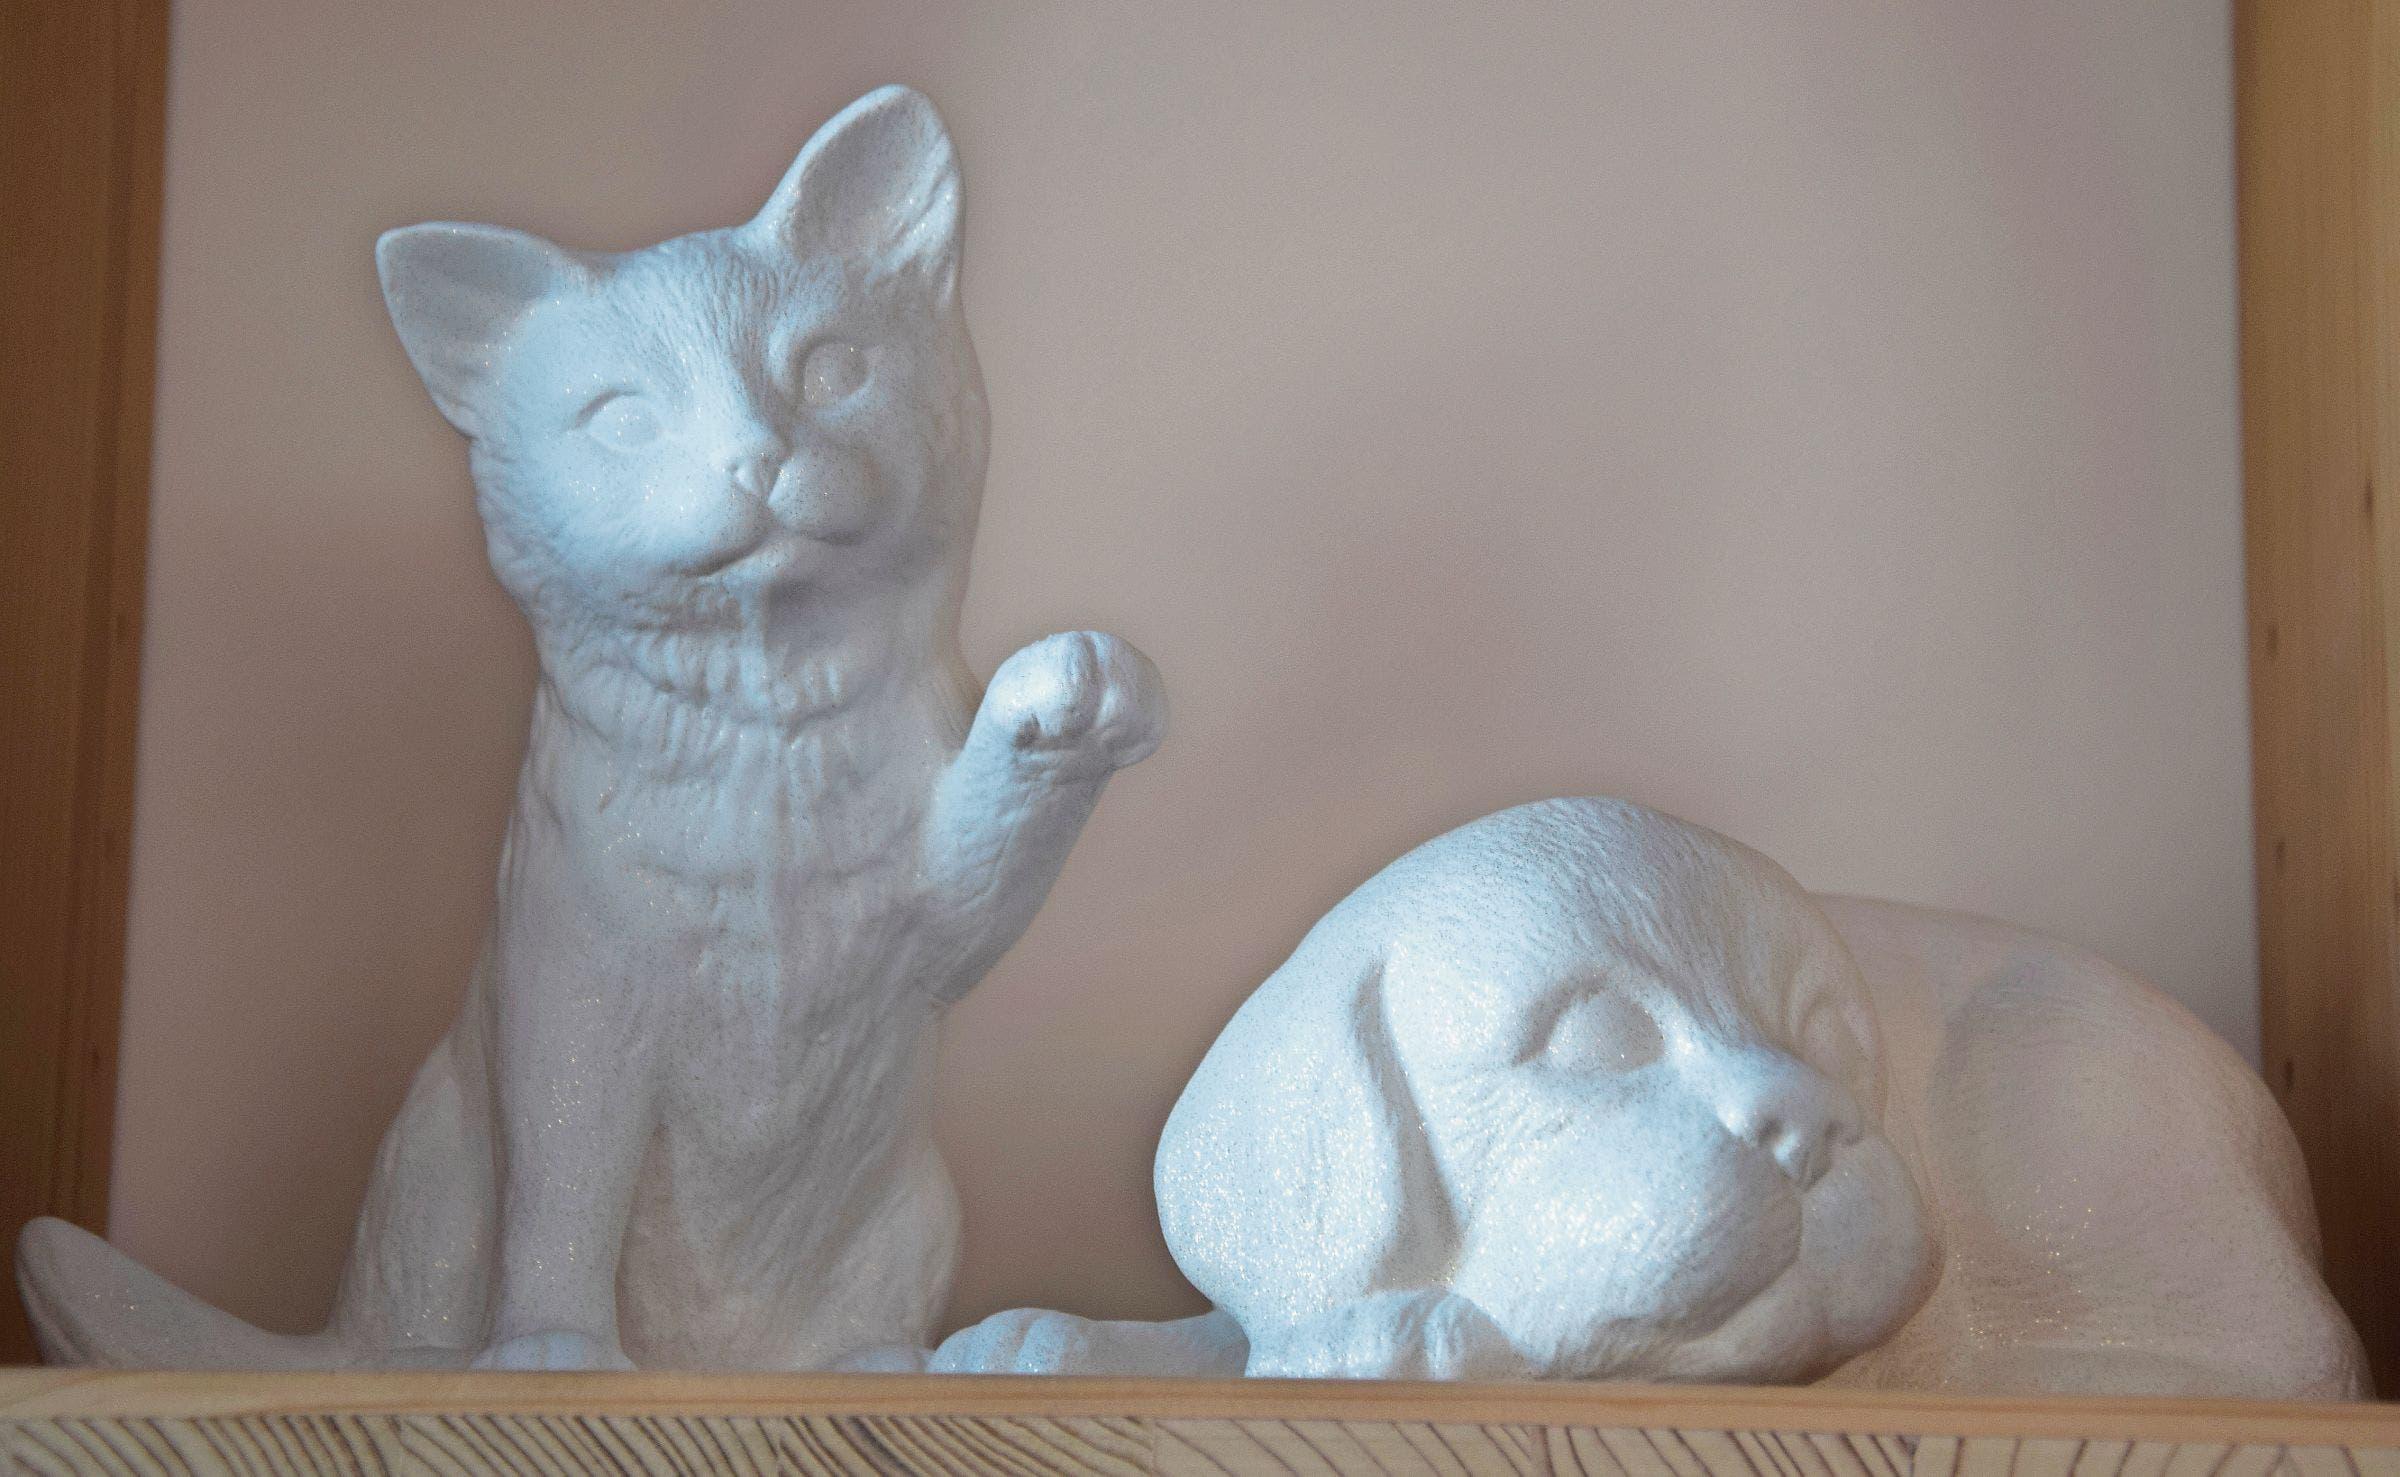 Letzte Ruhestätte: Im Haustierkrematorium kann die Asche der Tiere in unterschiedliche Urnenformen gefüllt werden. Bilder: Nicola Ryser